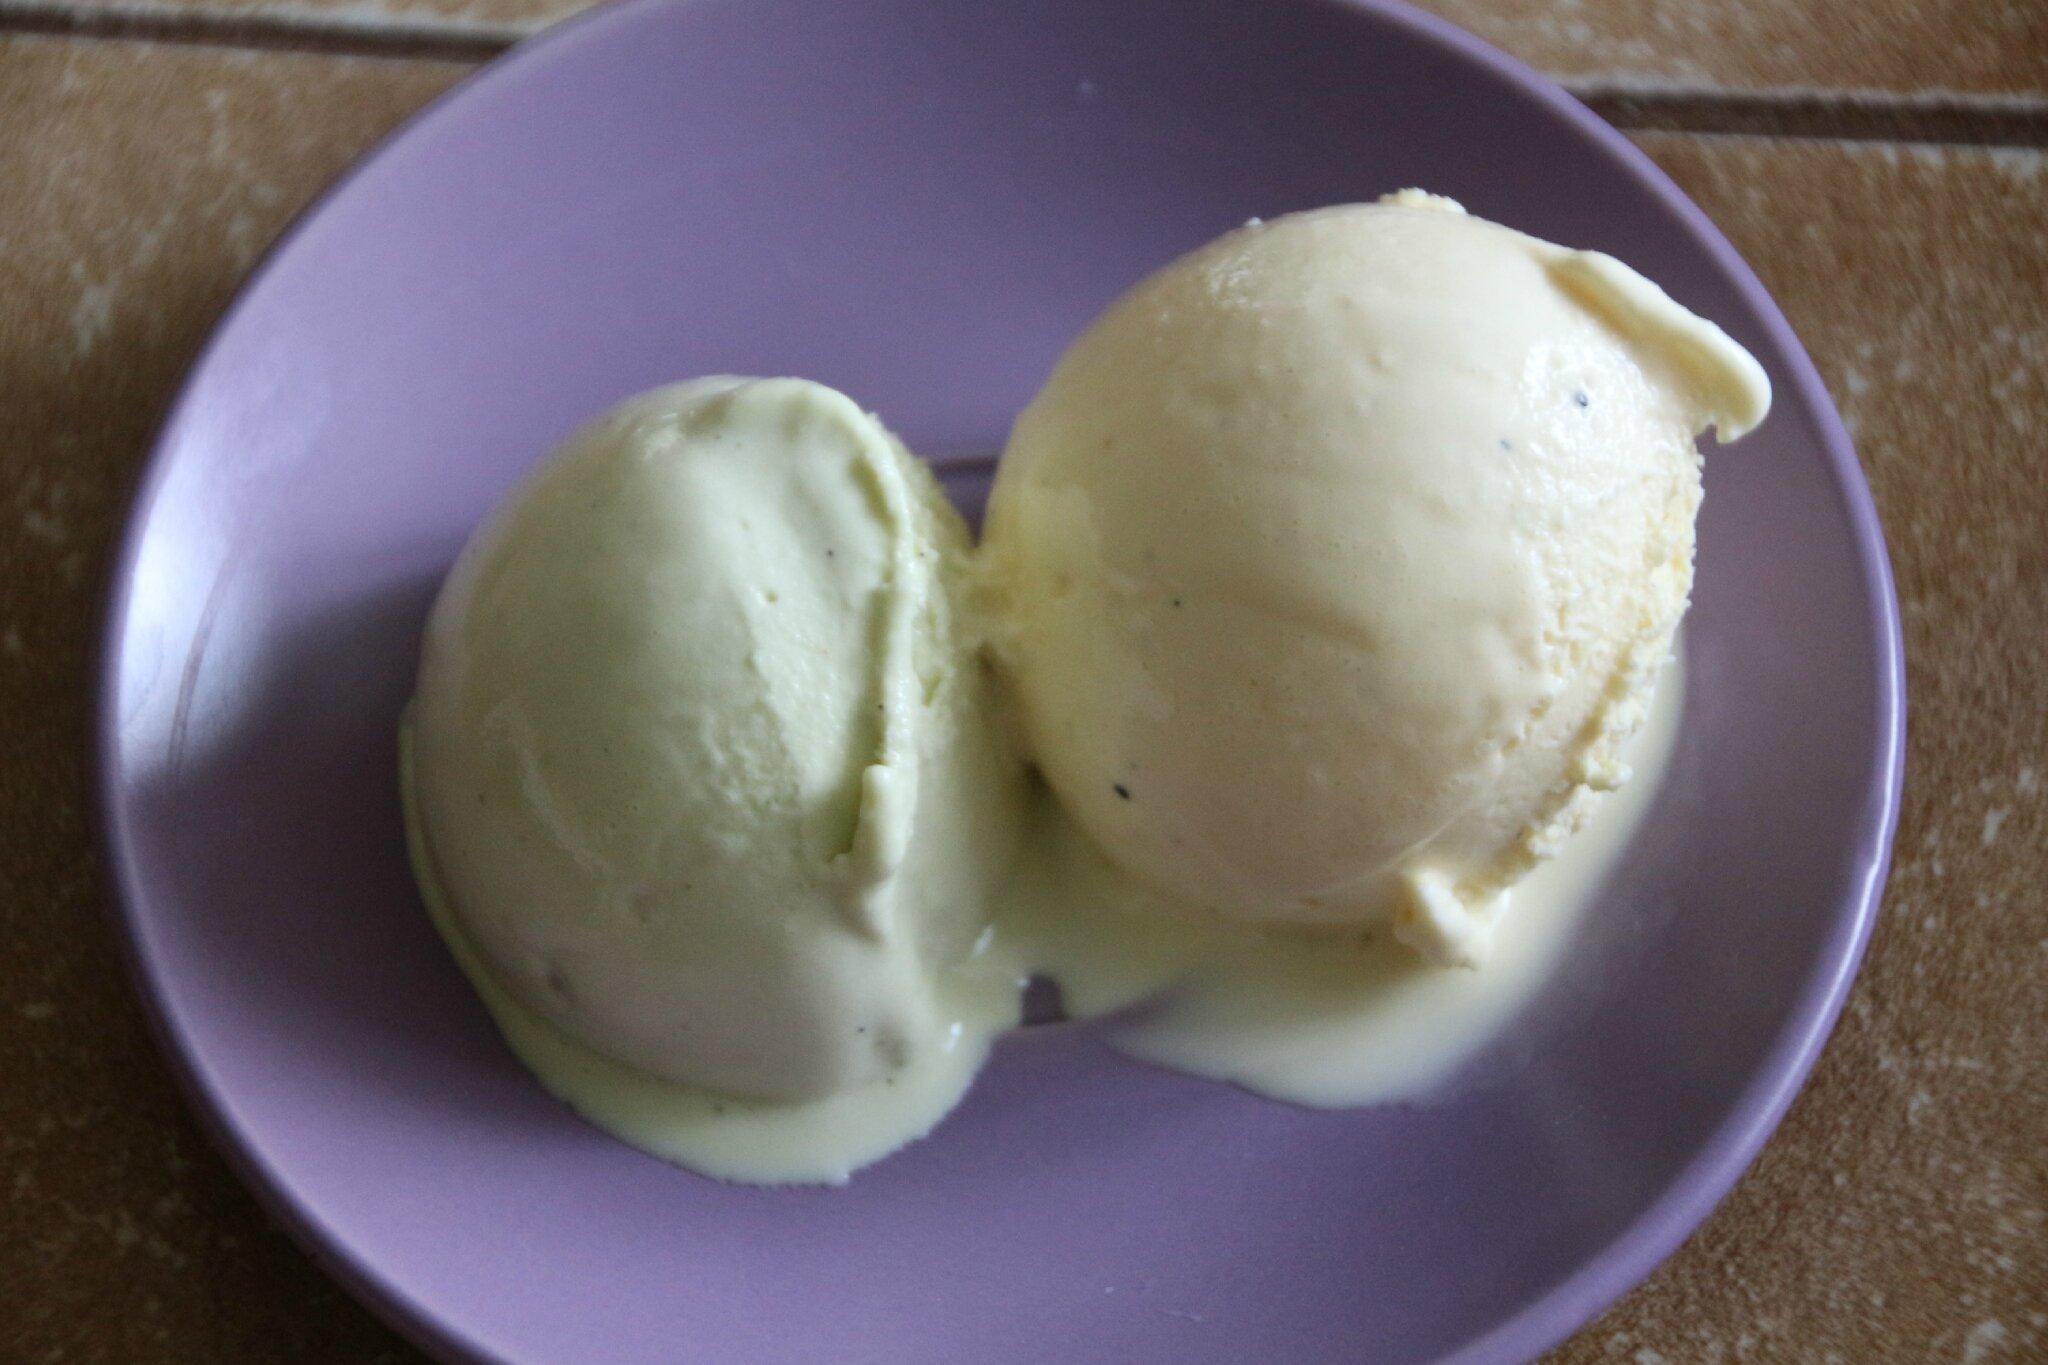 Recette Glace Pistache Sans Oeufs glace vanille et pistache au lait concentre - sylgote aux